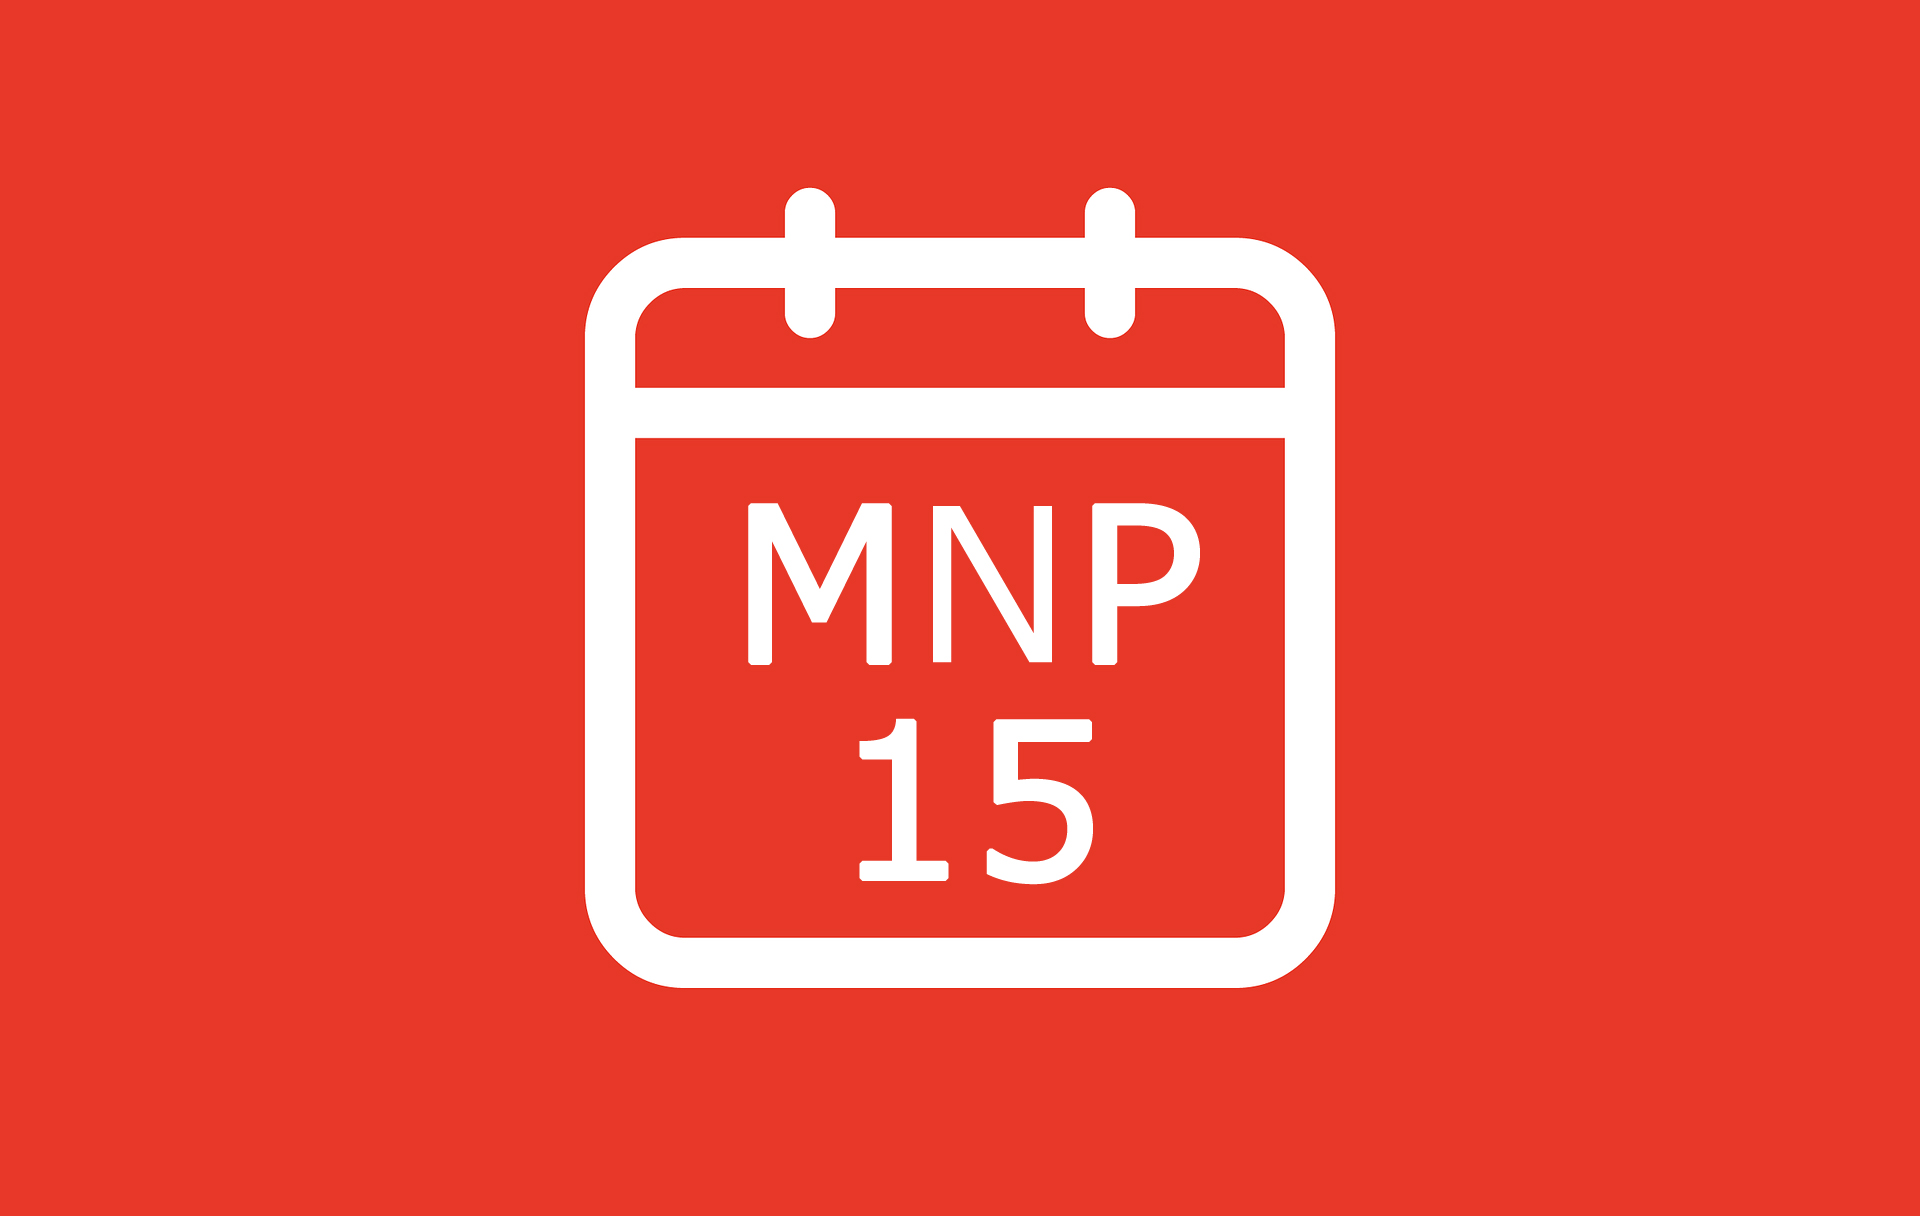 格安SIMのMNP